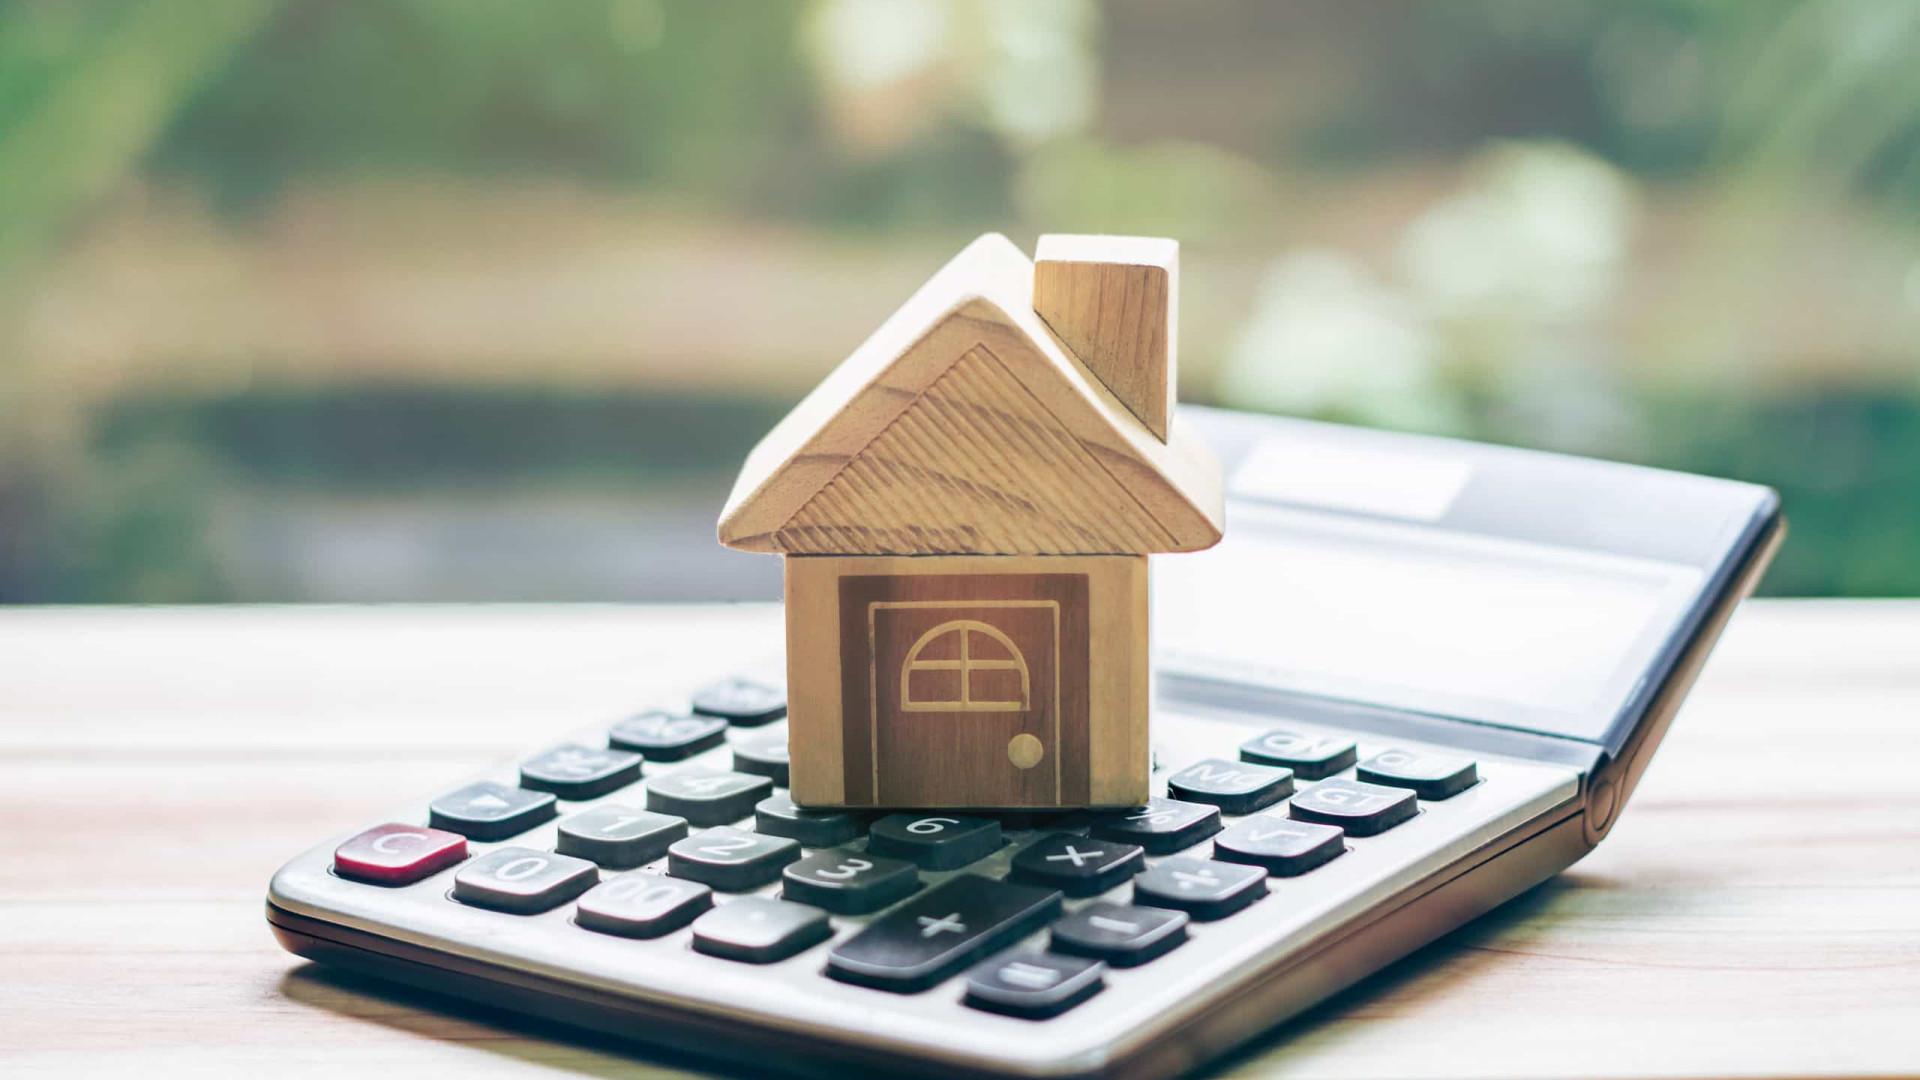 Crédito habitação. Spreads abaixo de 1% são uma boa oportunidade?